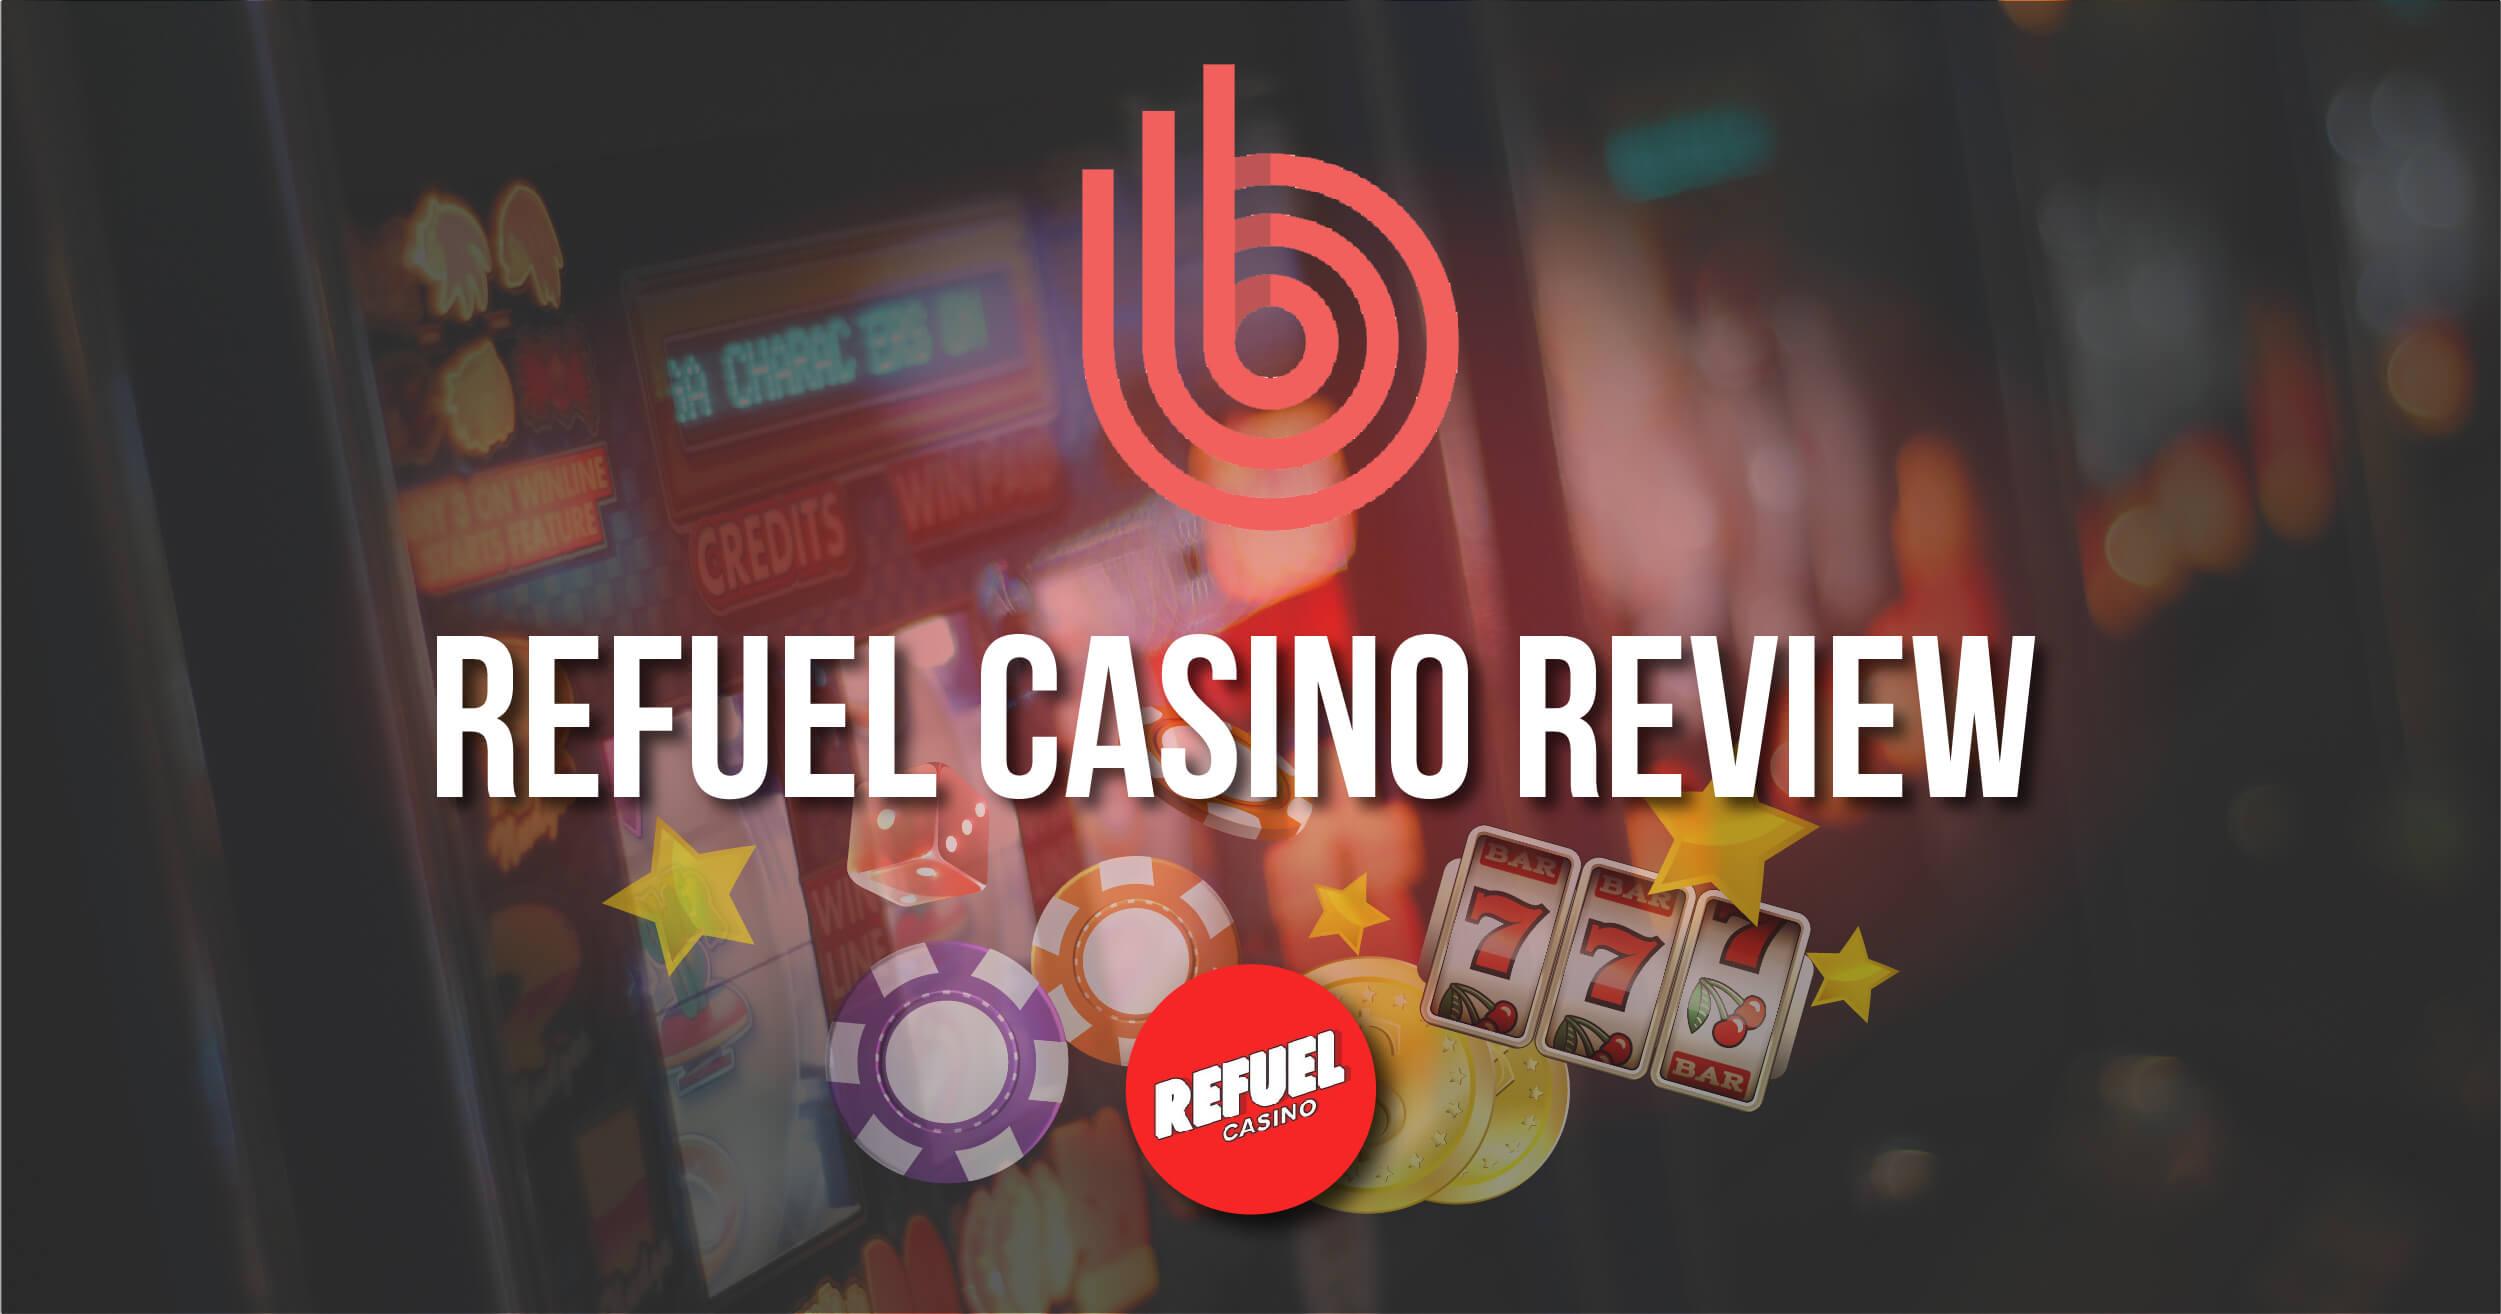 Refuel Casino Review